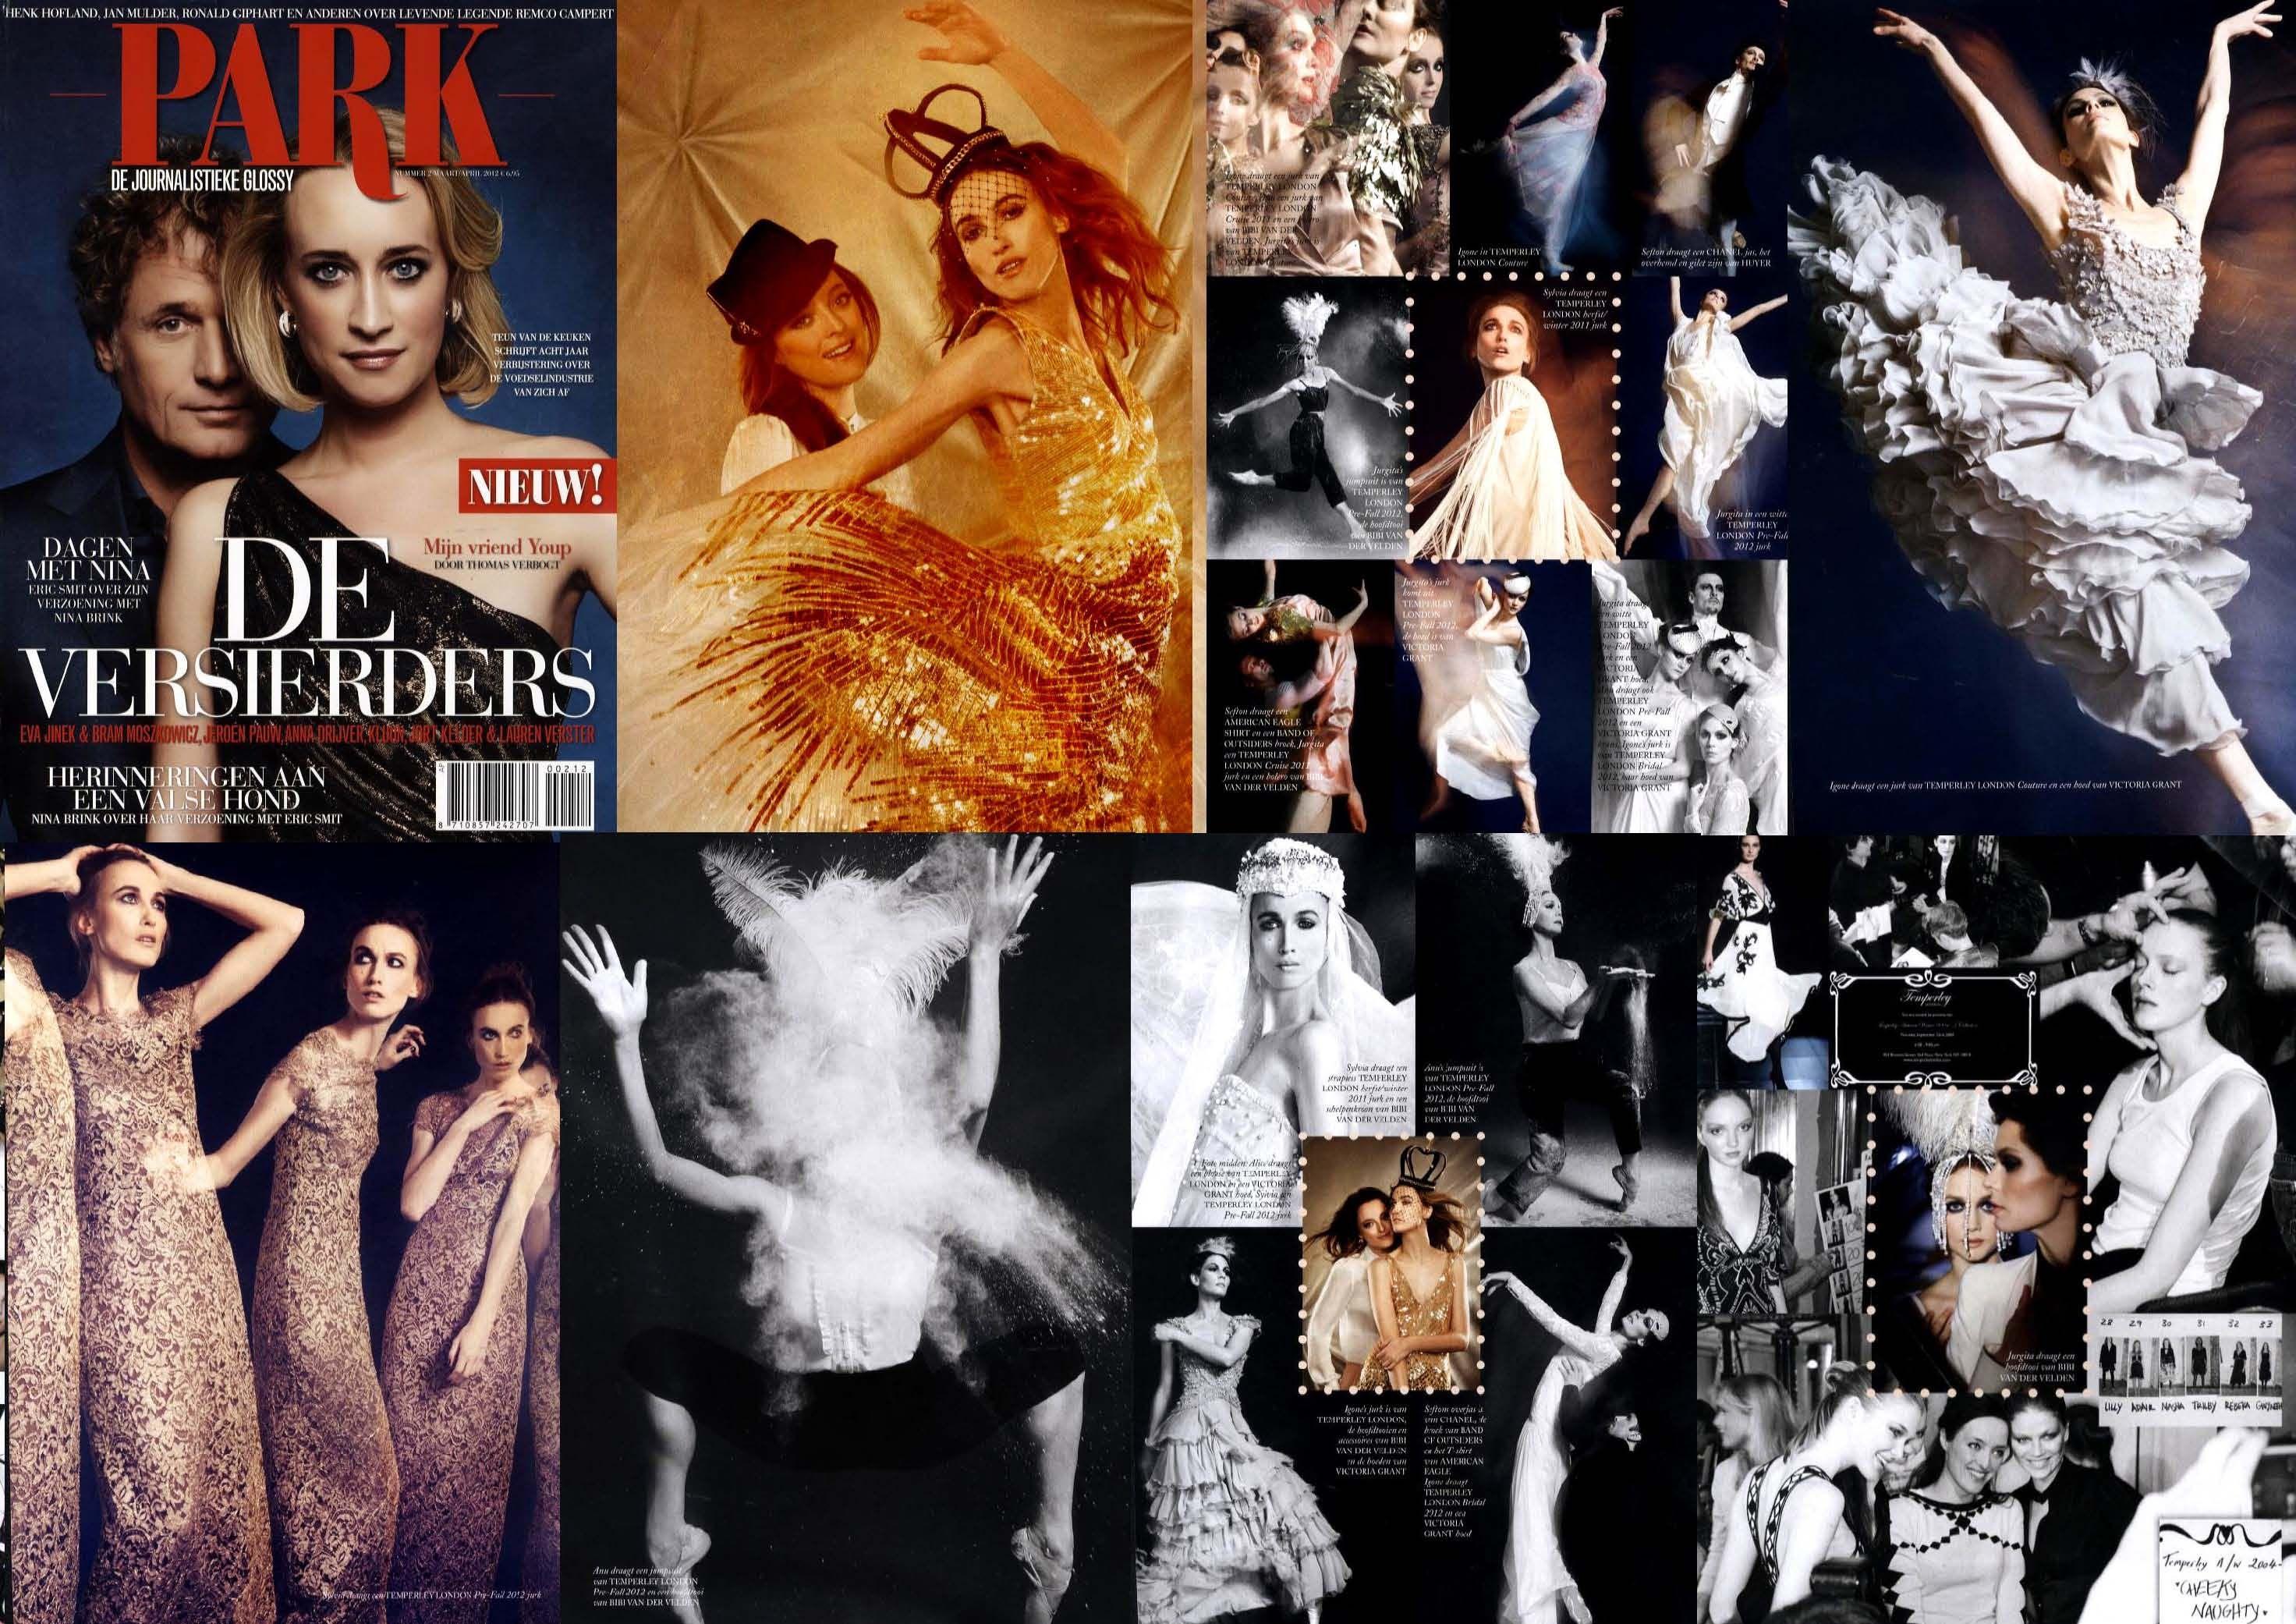 Park Magazine - February 2012